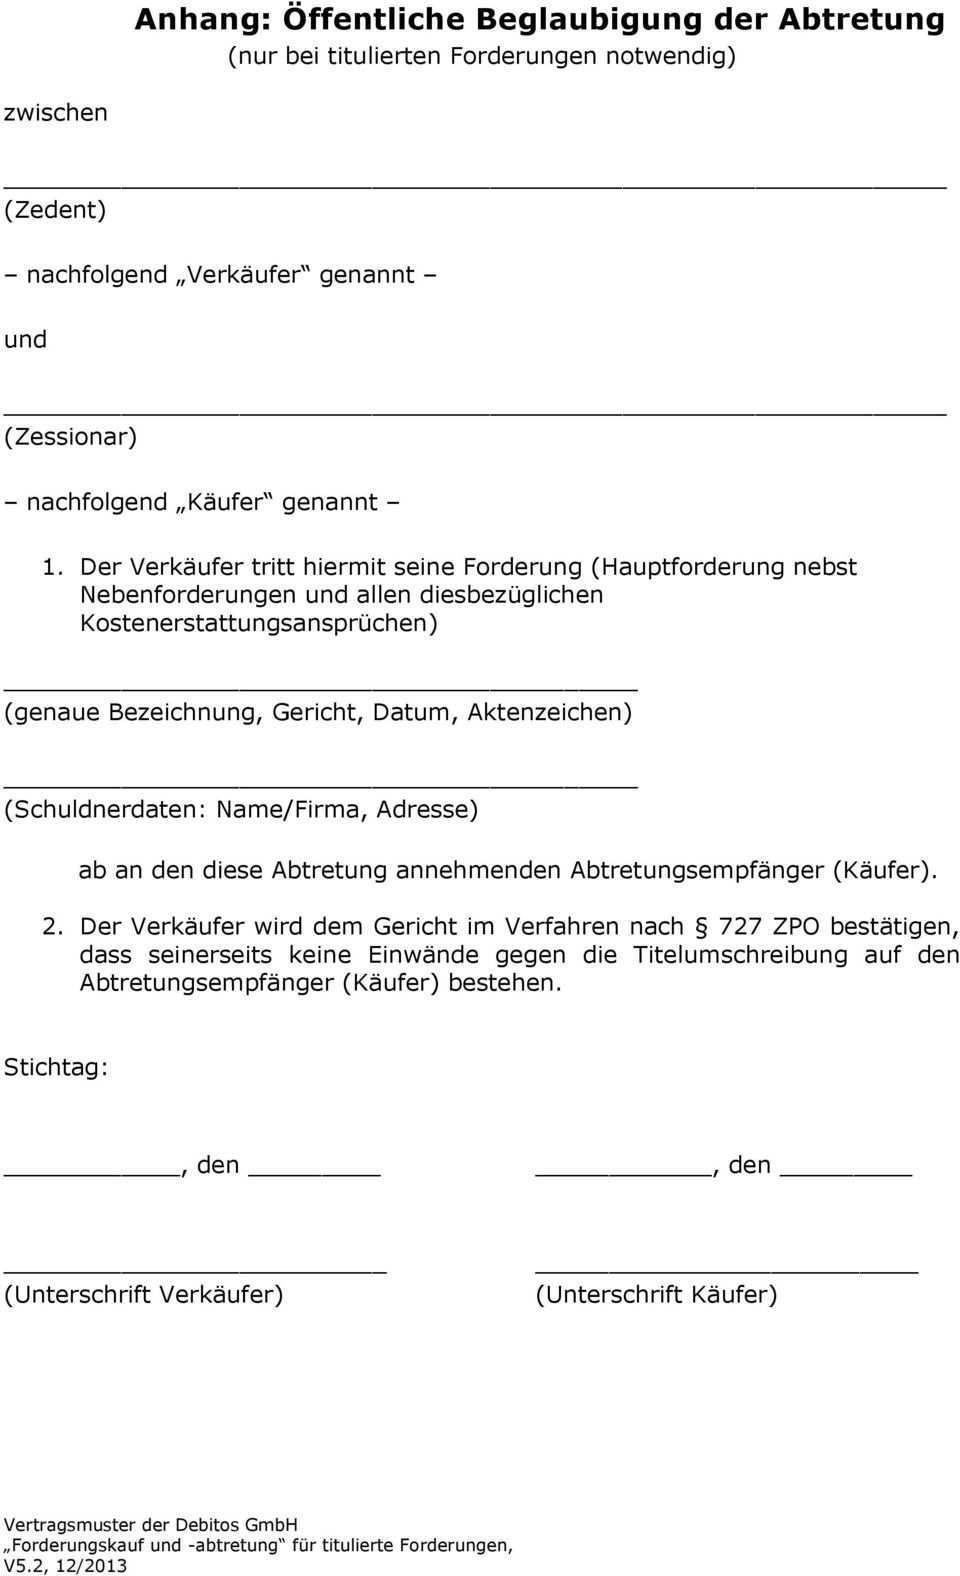 Kauf Und Abtretungsvertrag Fur Titulierte Forderungen Pdf Free Download